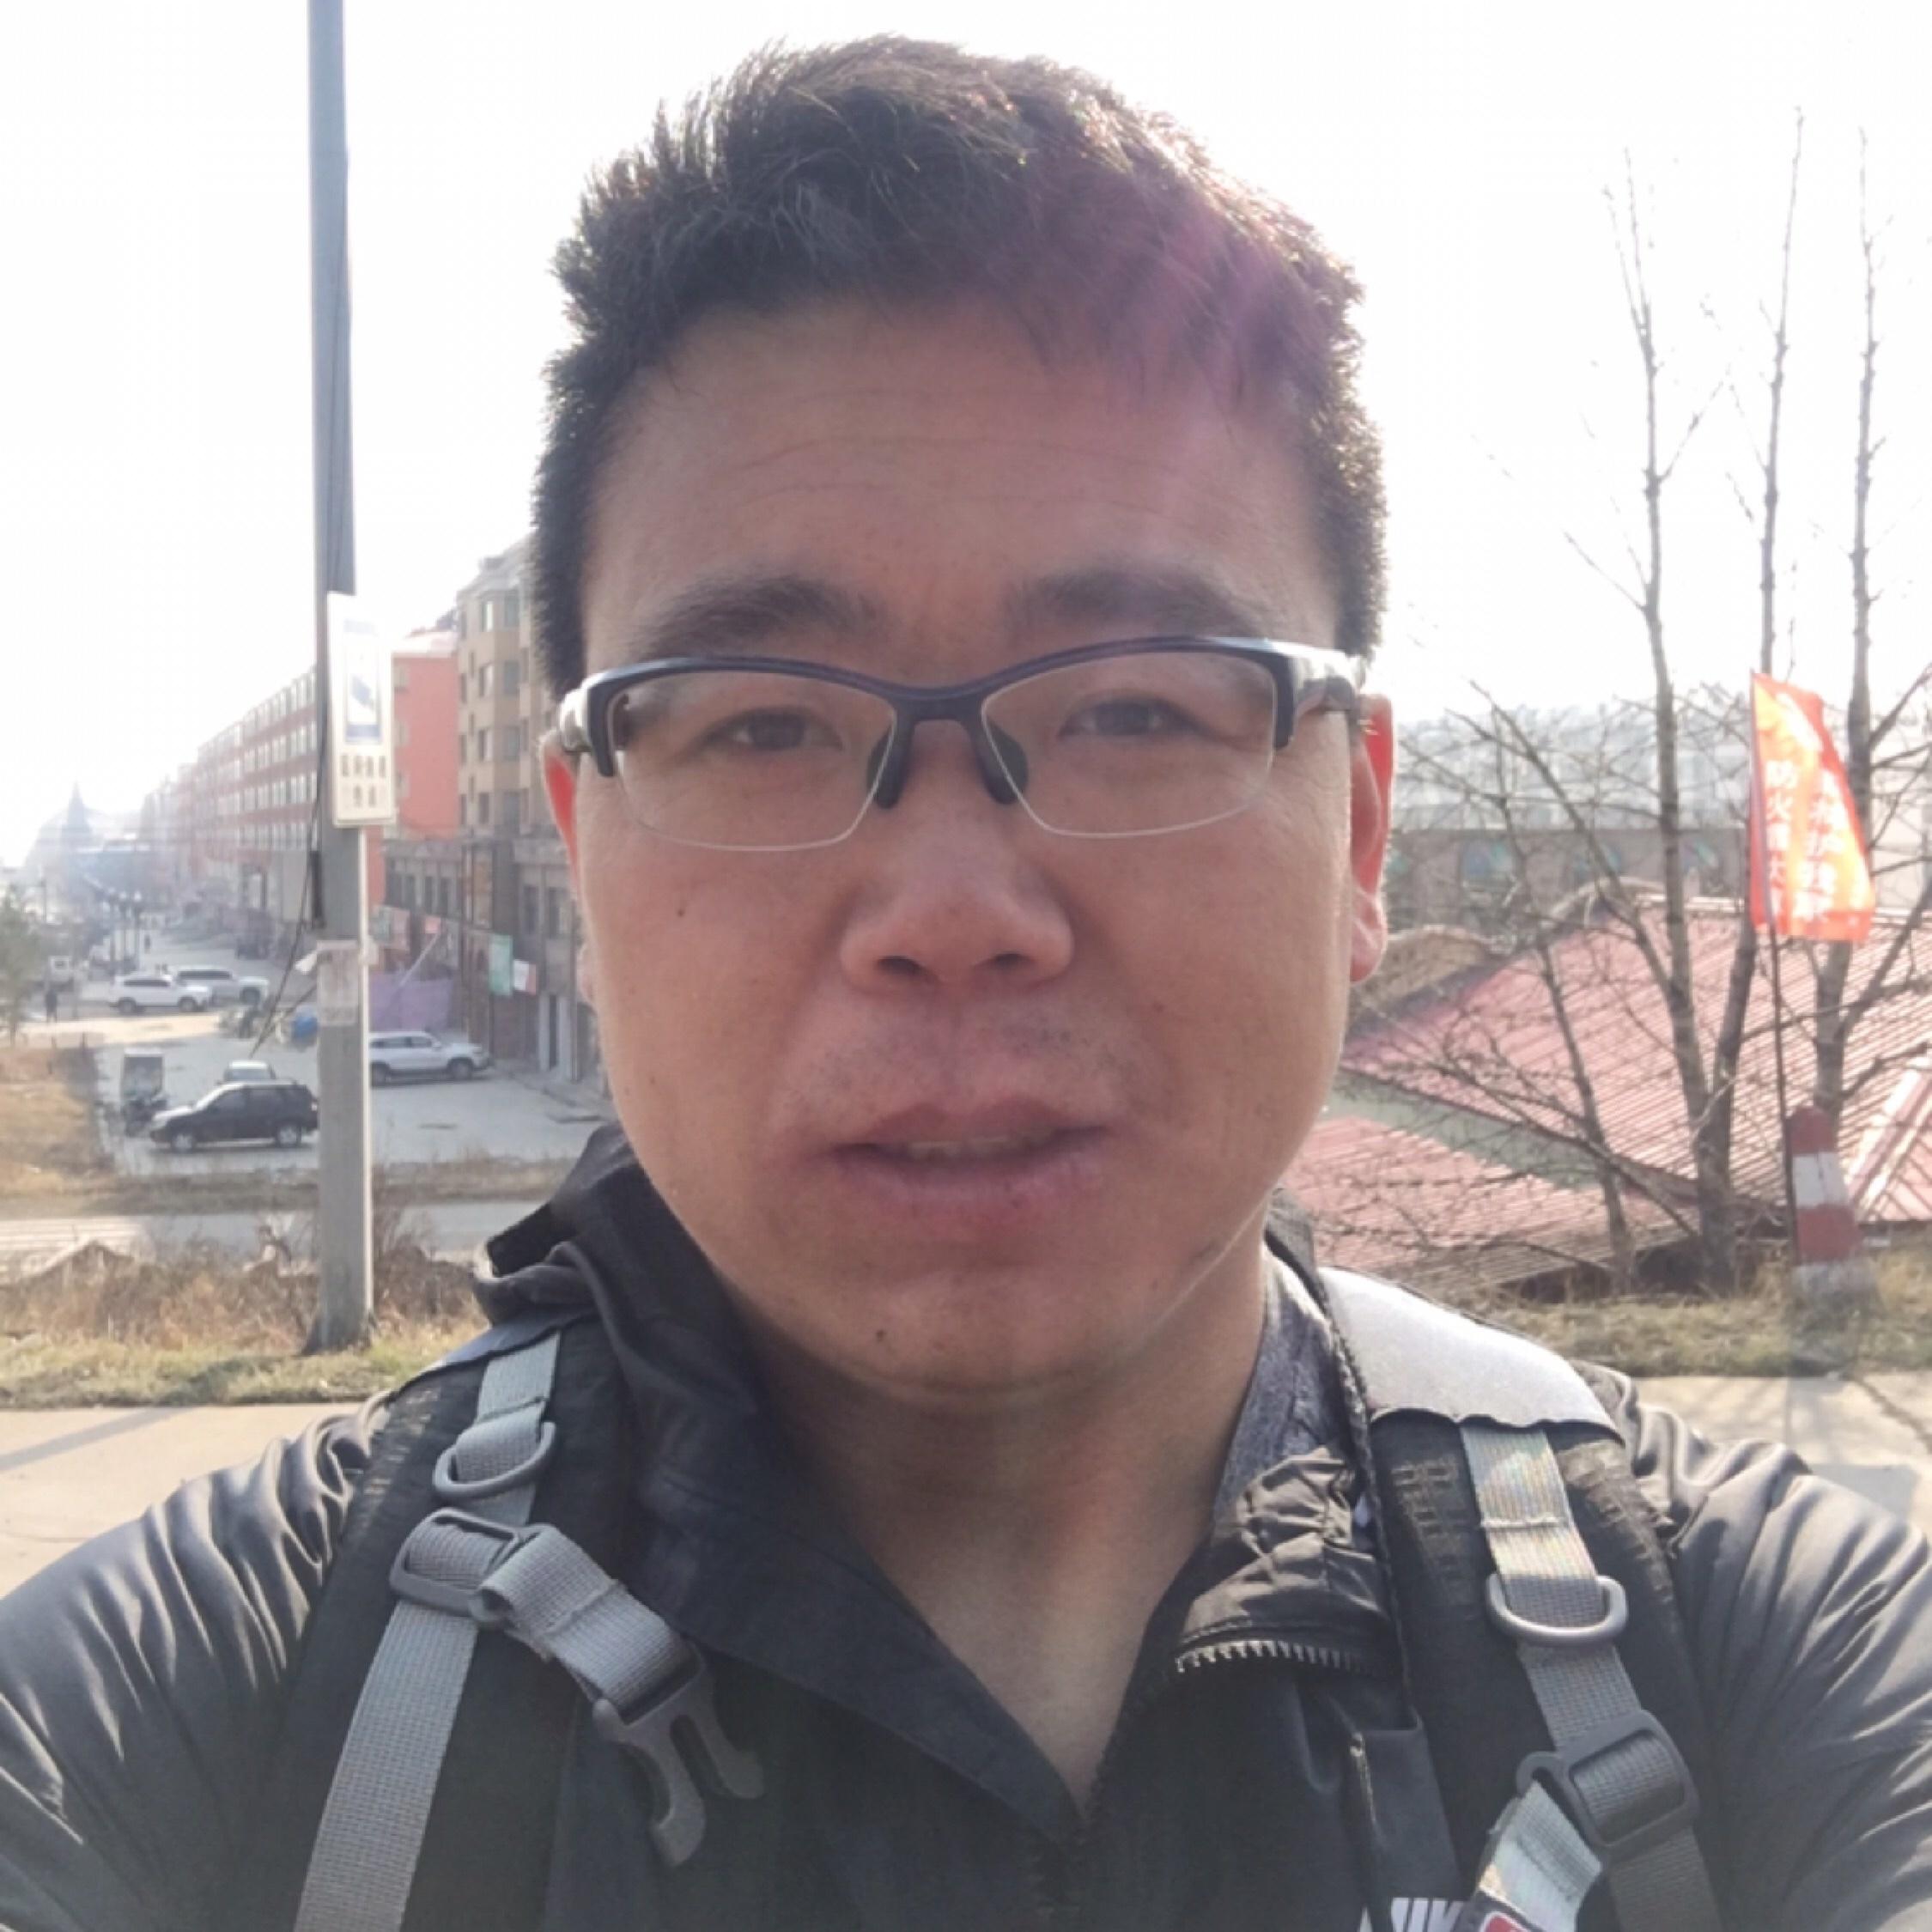 John_liu